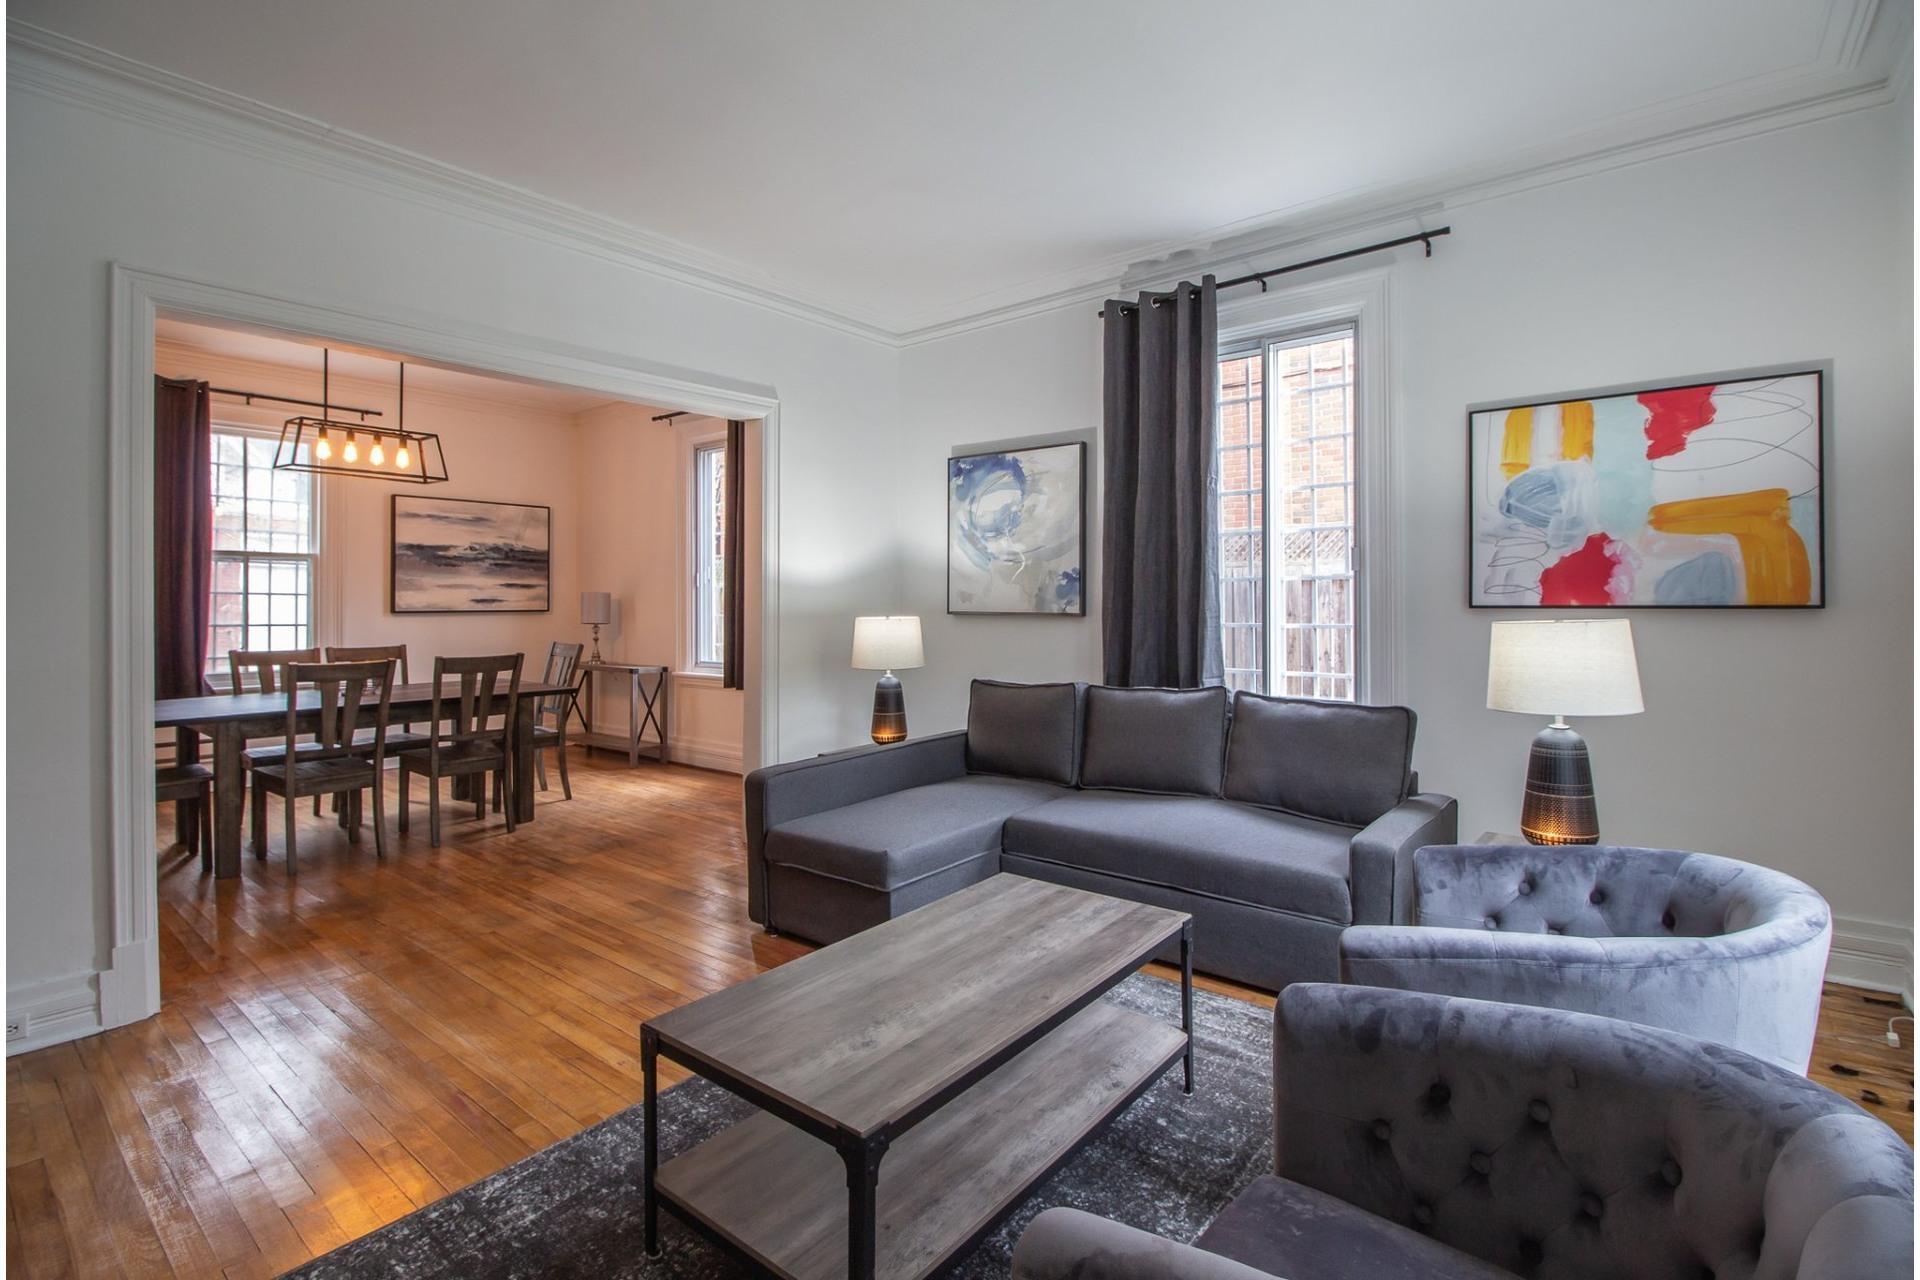 image 0 - Maison À louer Côte-des-Neiges/Notre-Dame-de-Grâce Montréal  - 8 pièces